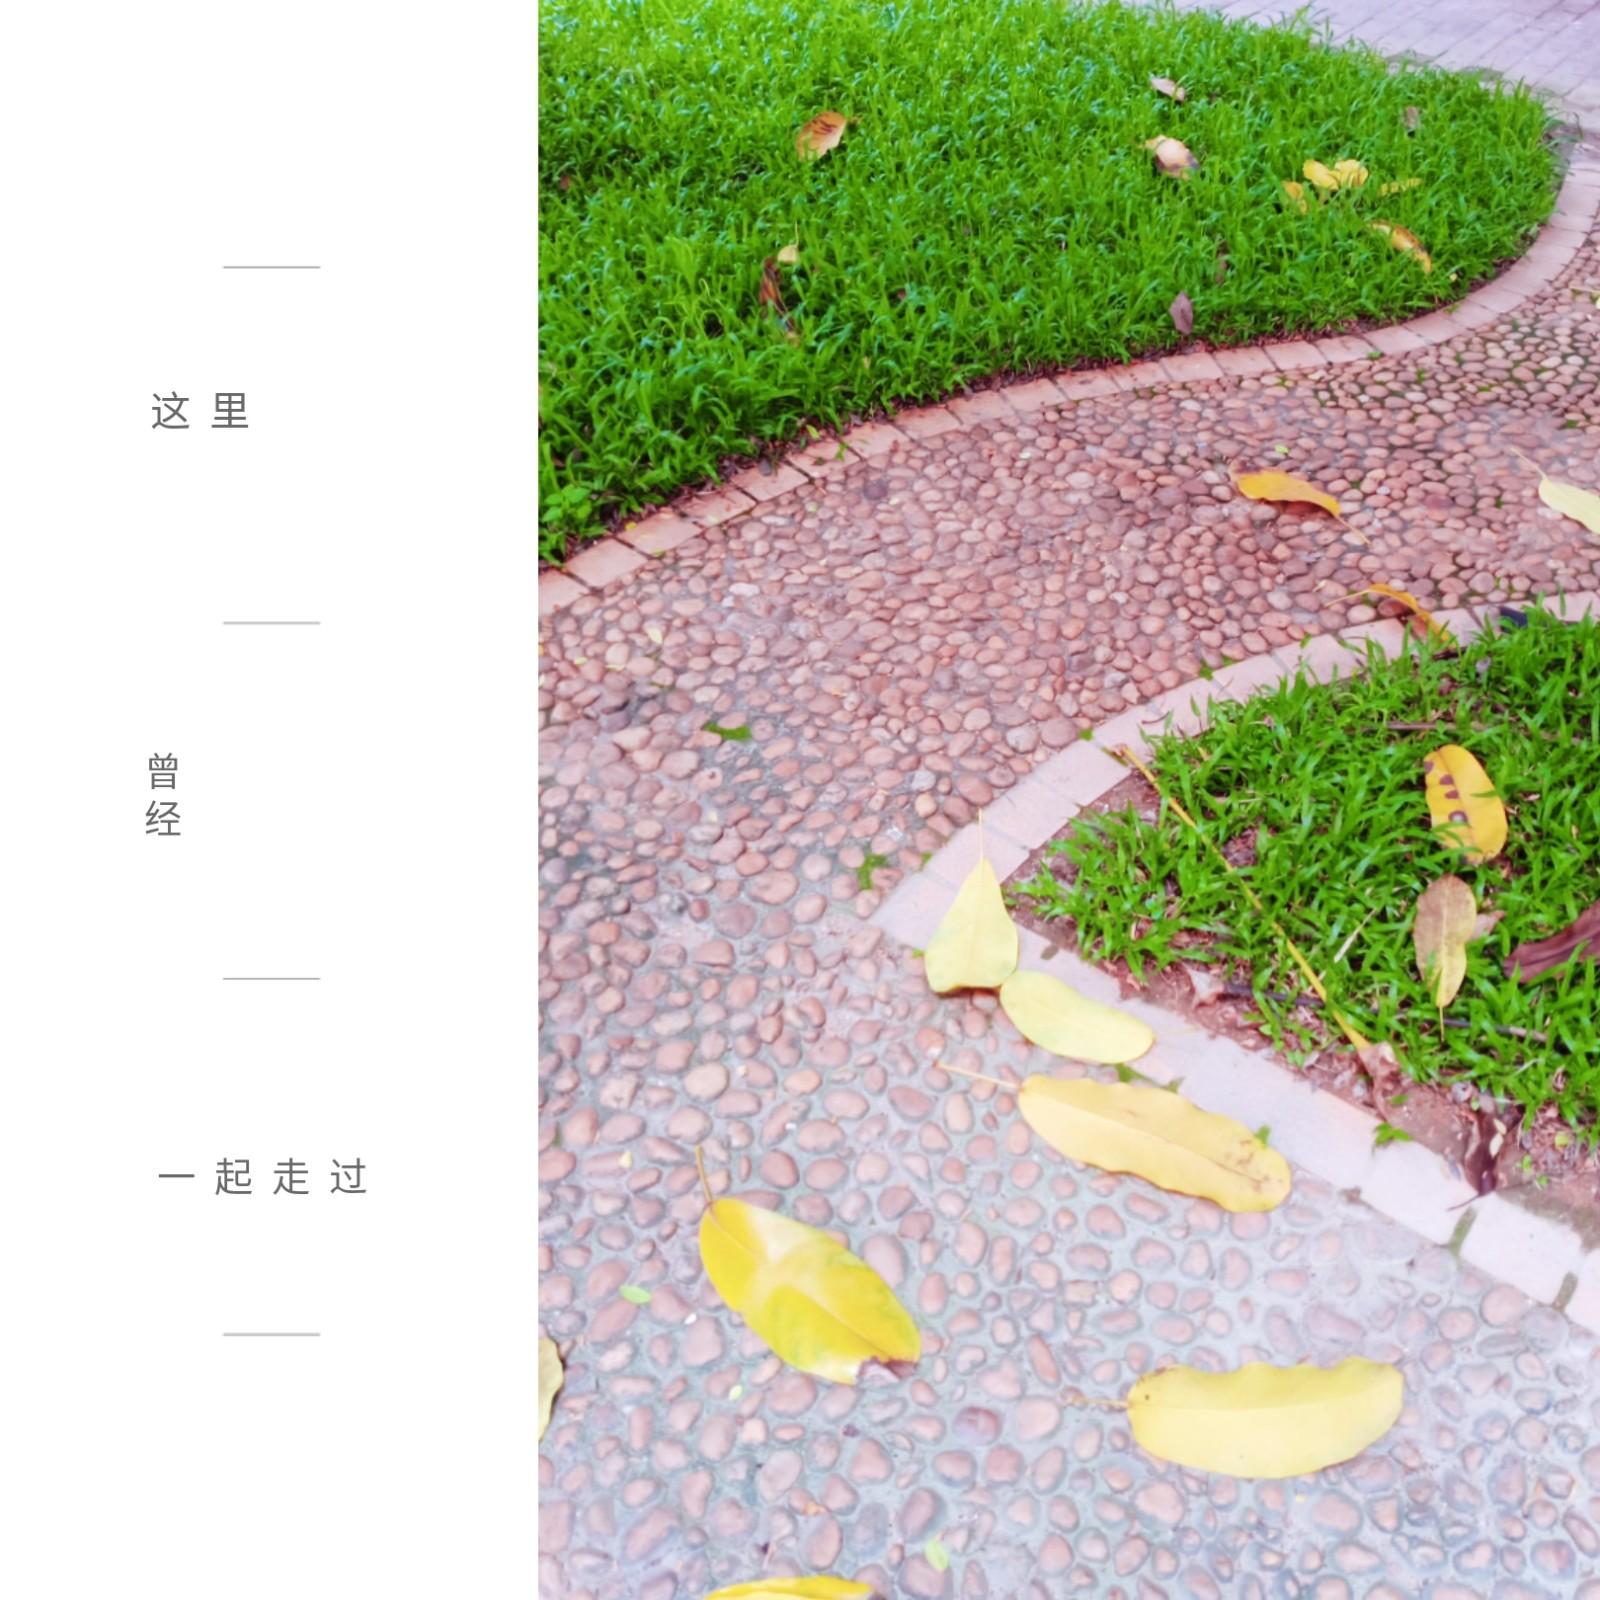 微信图片_20200419191308.jpg